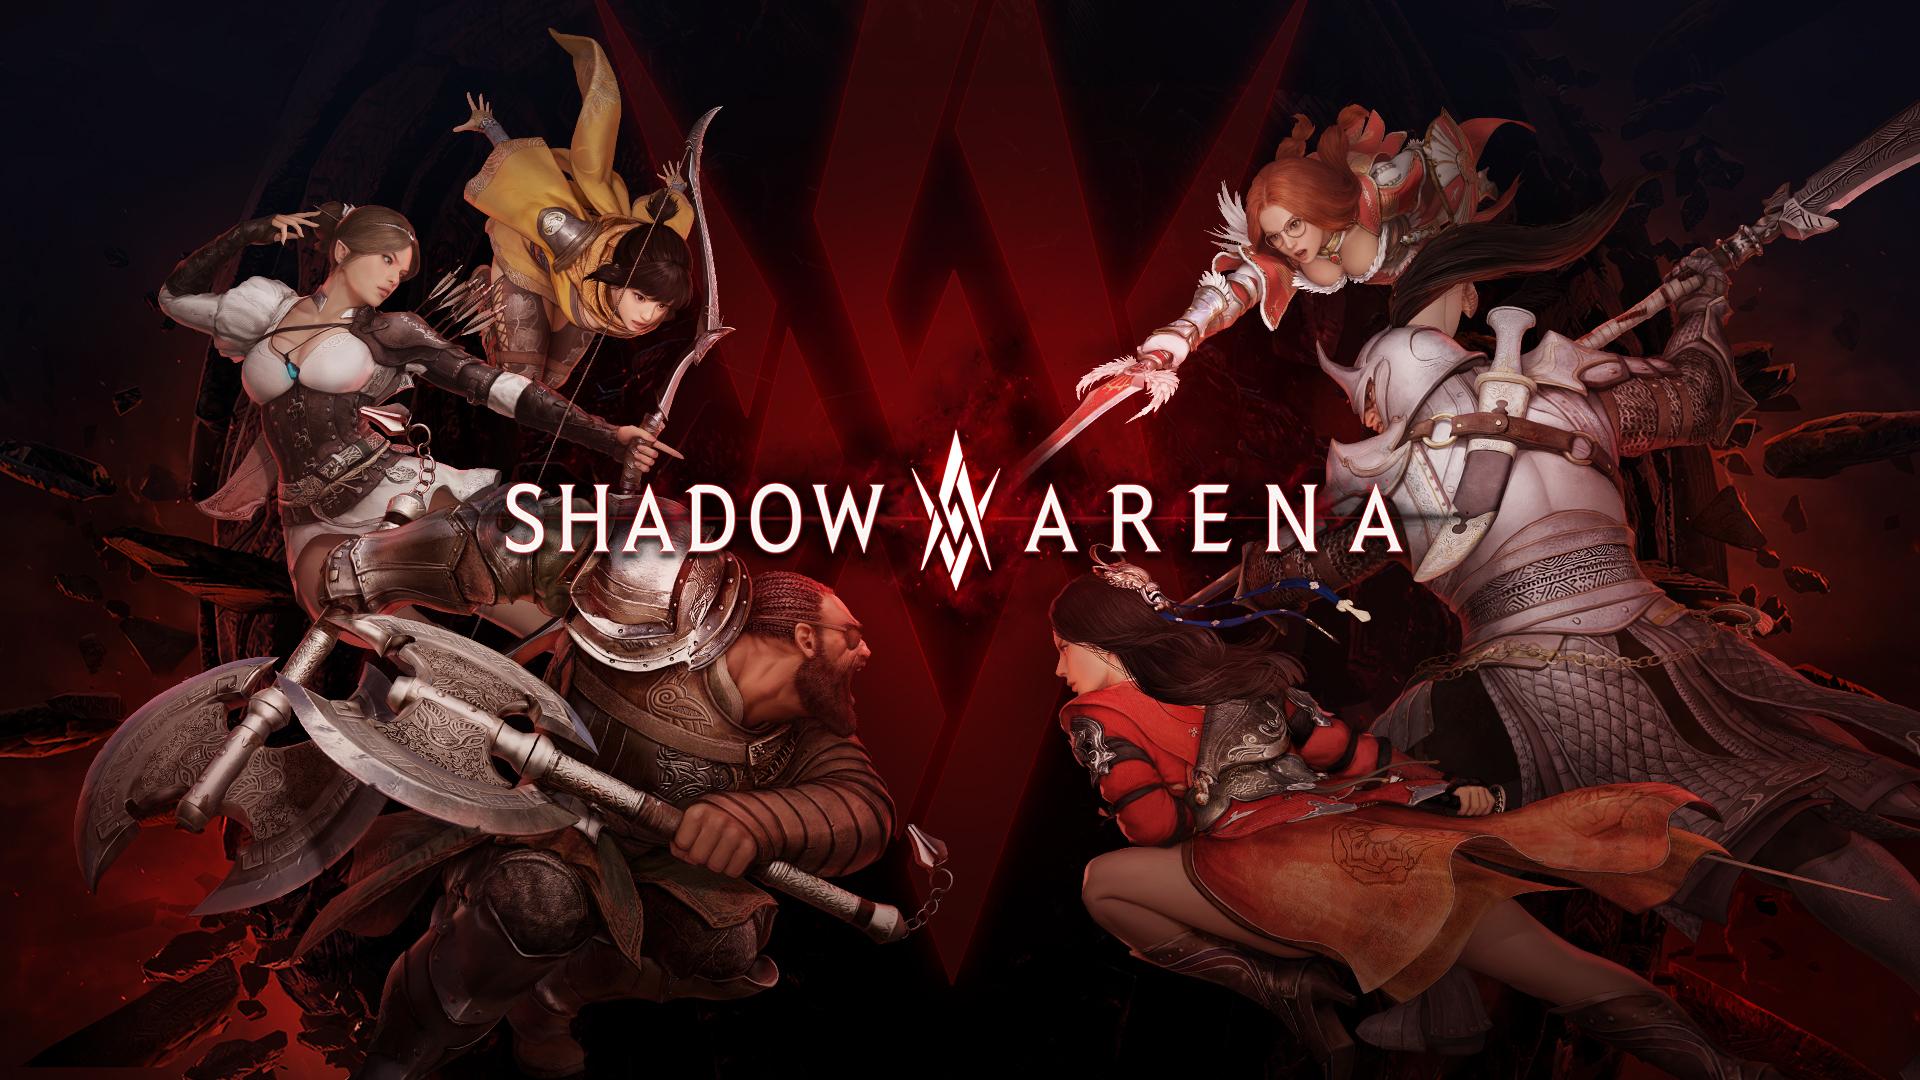 《影子戰場》強化團隊合作全新大改版